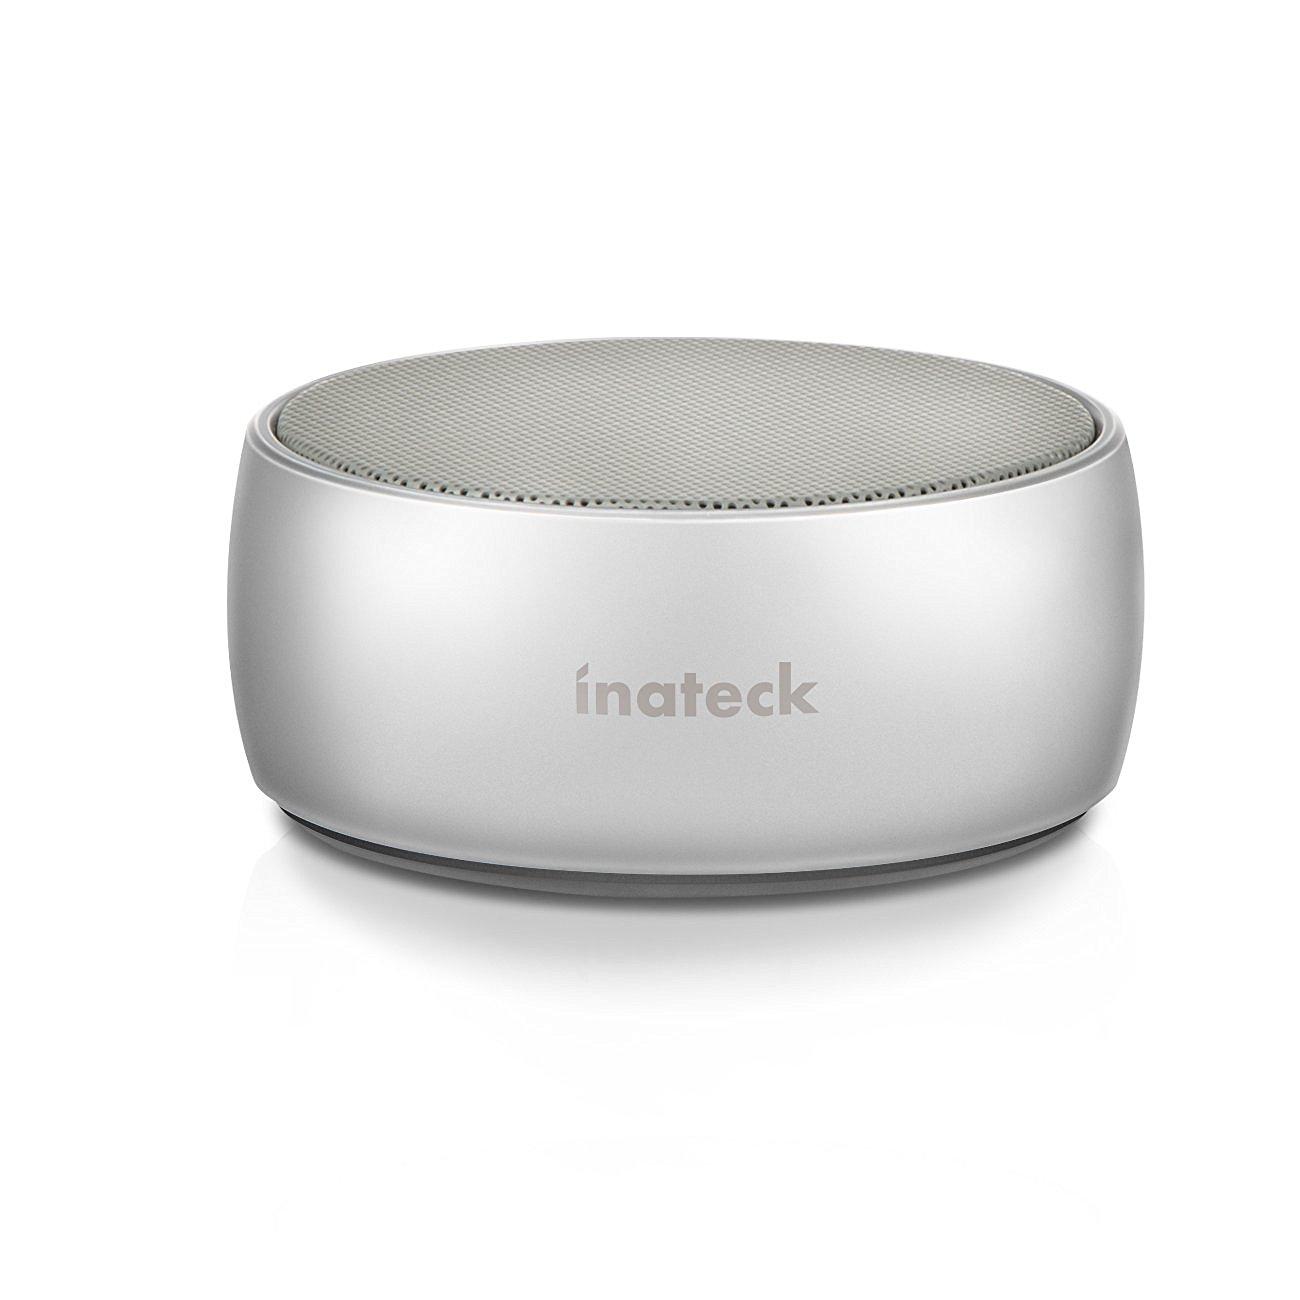 Lo speaker Bluetooth Inateck BP1109 è un concentrato di praticità. Provalo con #Spotify durante i tuoi #viaggi